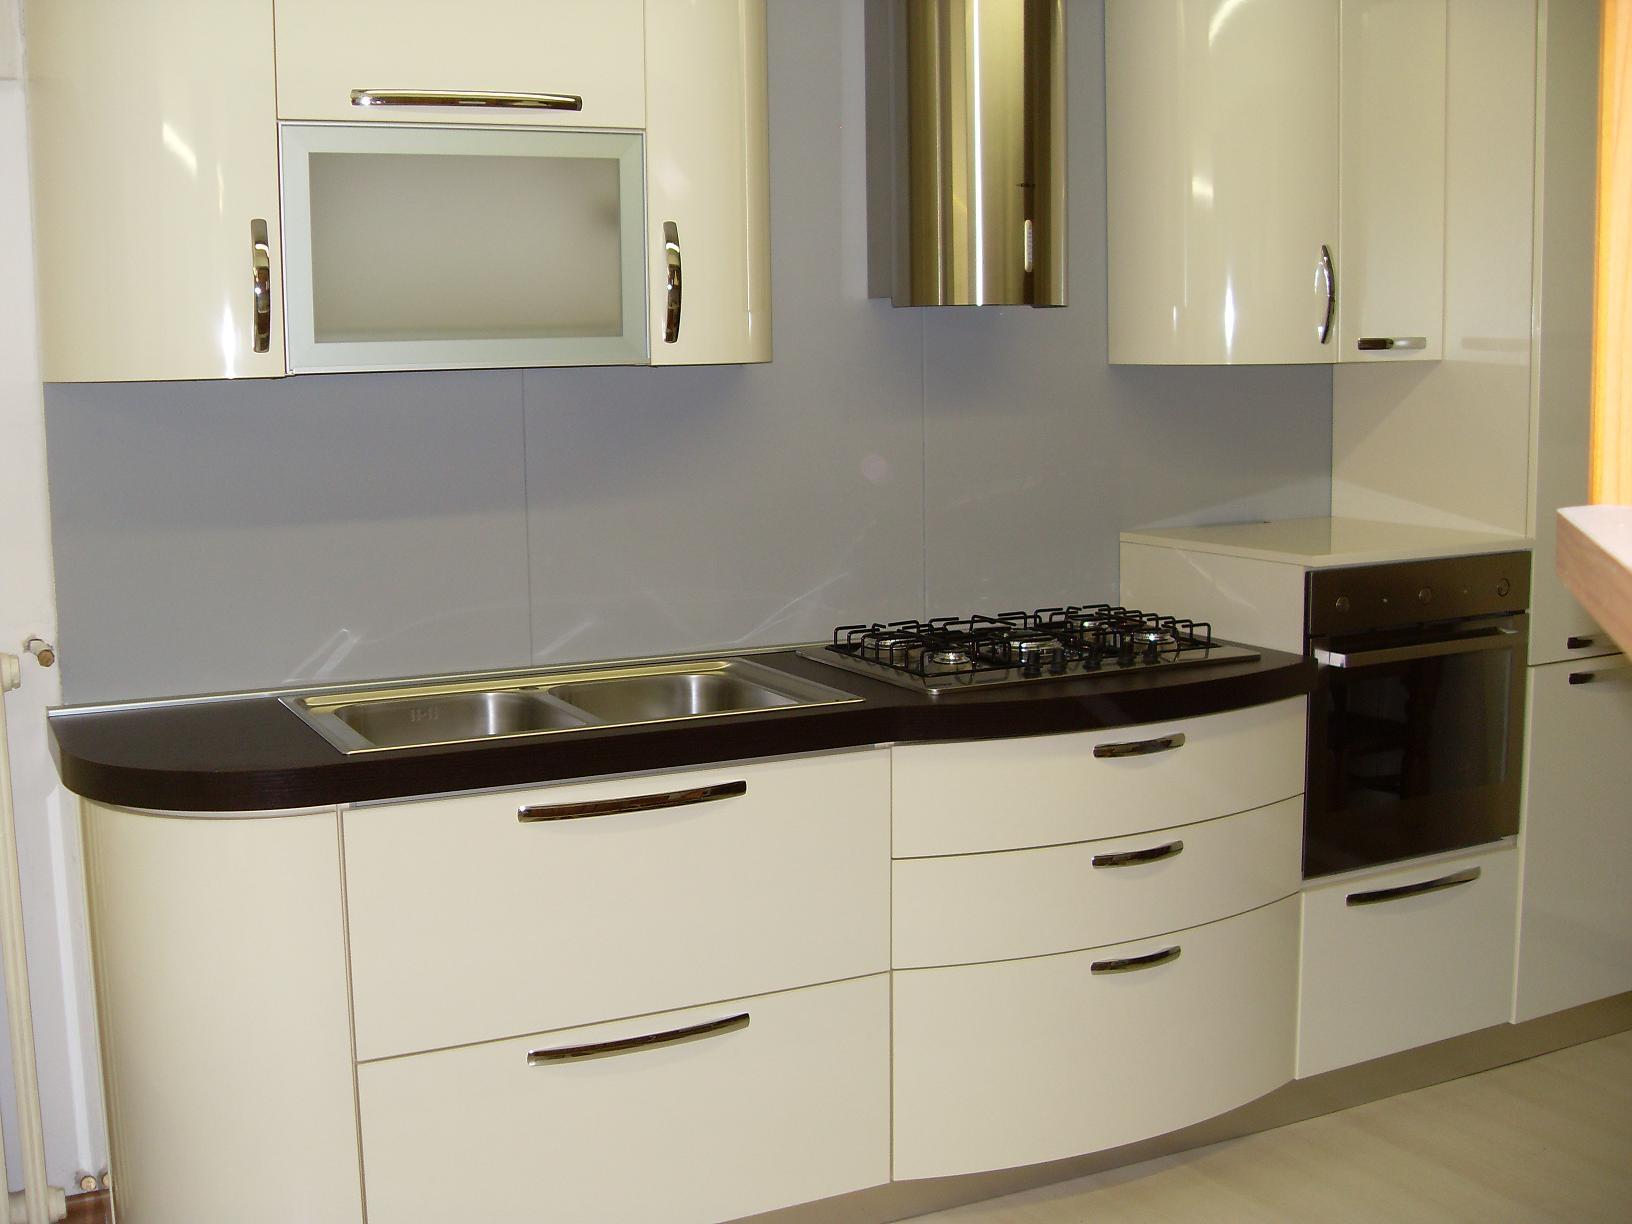 Cucina lineare di Stosa Cucine modello Patty - Cucine a prezzi scontati